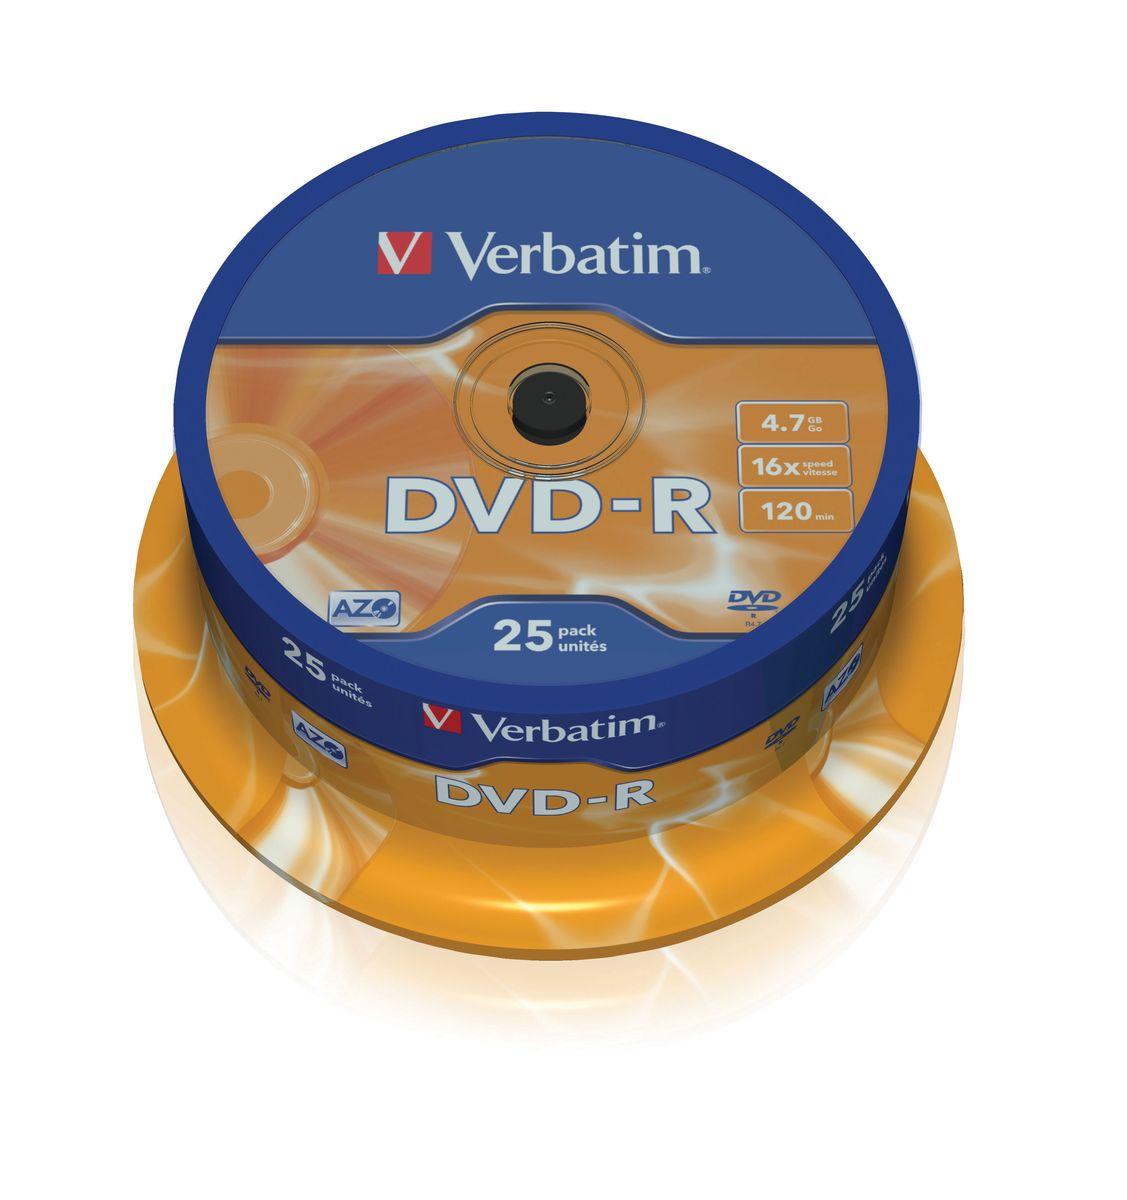 Verbatim DVD-R 4.7Gb 16x лазерный диск, 25 шт (Cake)43522В дисках Verbatim DVD-R 4.7Gb 16x используется технология MKM/Verbatim, обеспечивающая непревзойденное качество записи. Тесное сотрудничество отдела исследований и разработок компании Mitsubishi Chemical с производителями дисководов обеспечивает широкую совместимость дисков Verbatim, что делает их идеальными носителями для передачи компьютерных данных, домашних видеофильмов, фотографий и музыки.Тип упаковки: 25 Pack SpindleПоверхность: Matt Silver